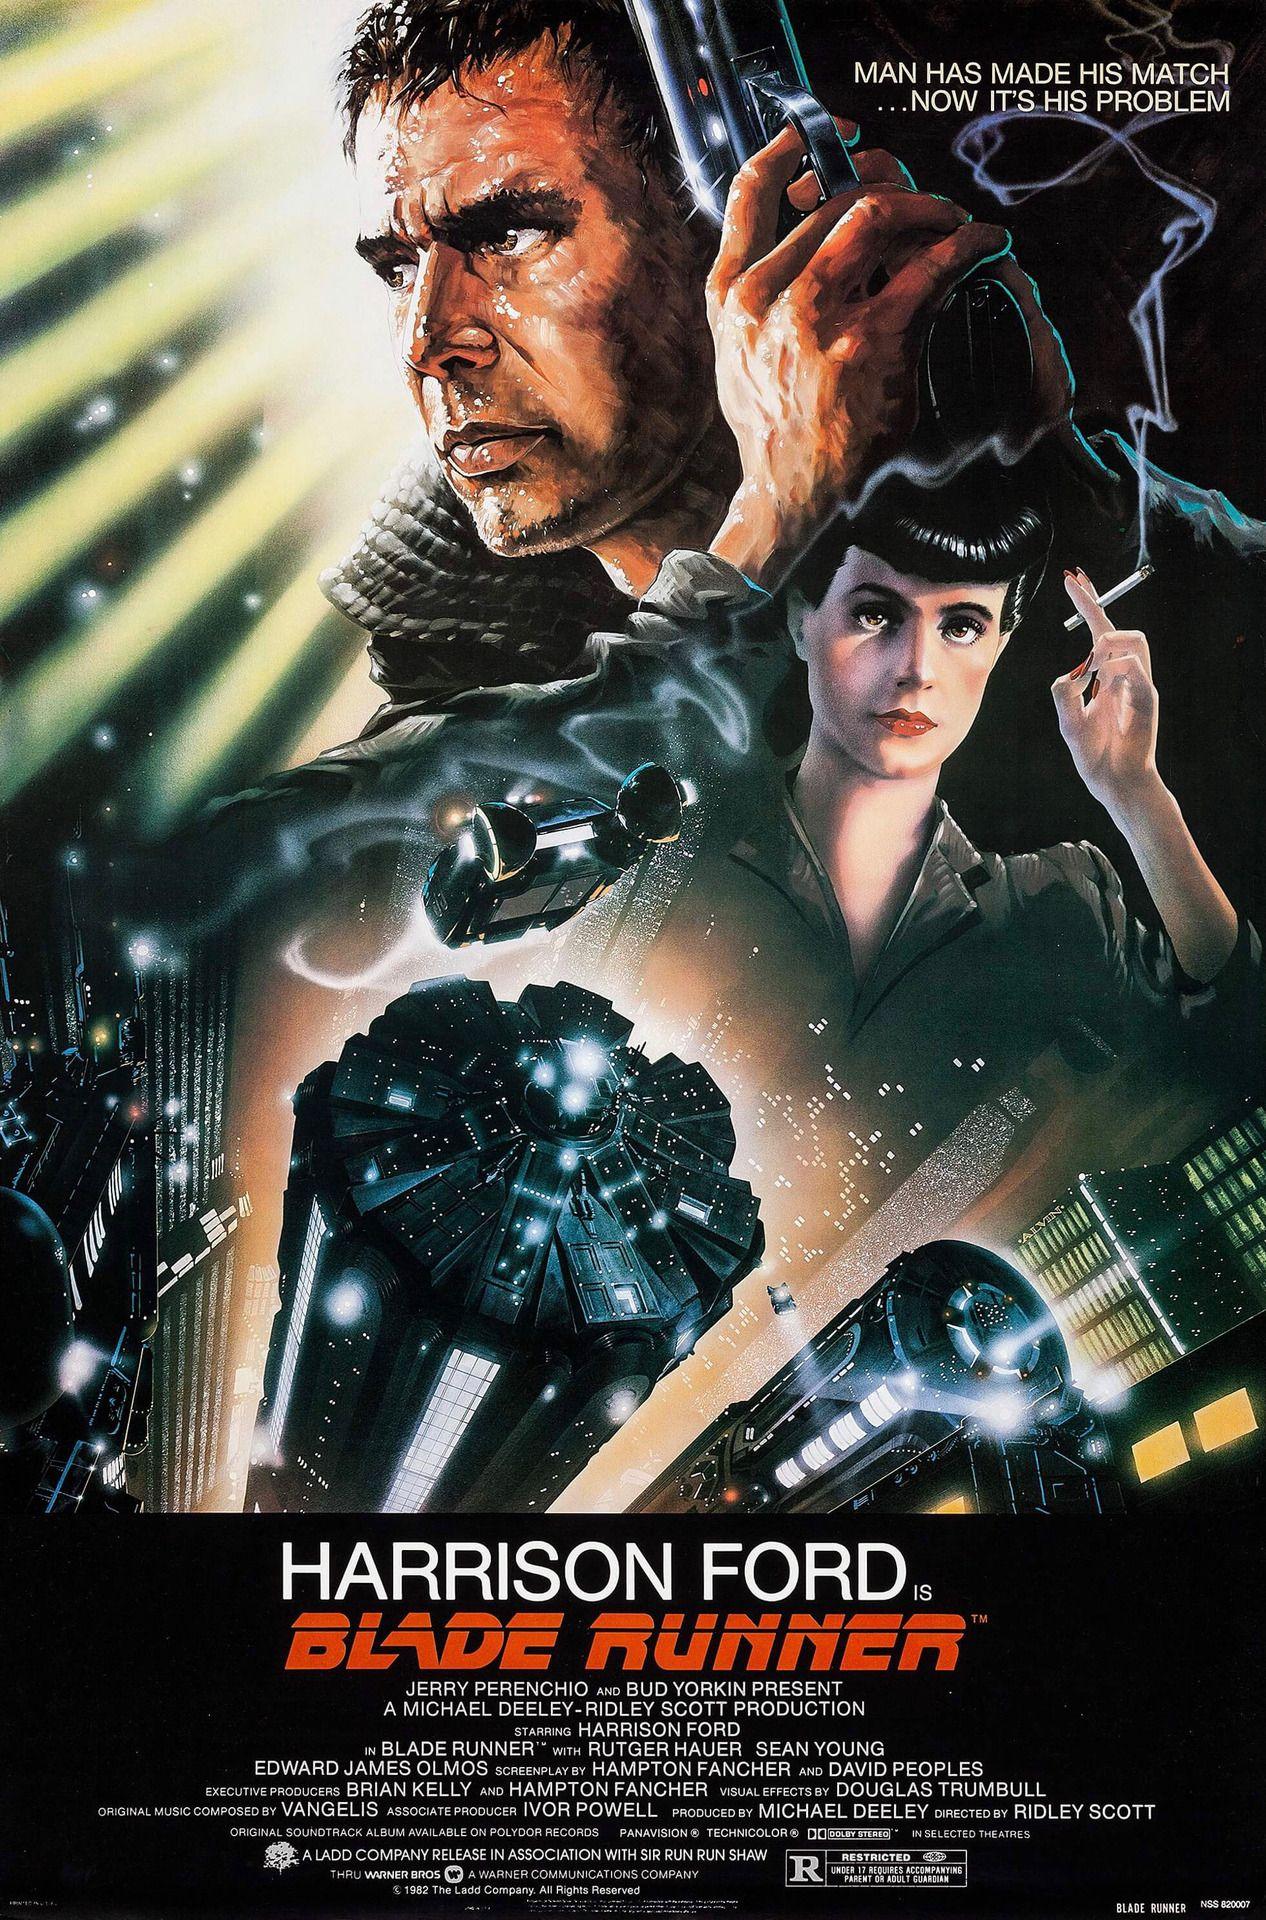 Poster for Blade Runner, 1982. Artwork by John Alvin. -